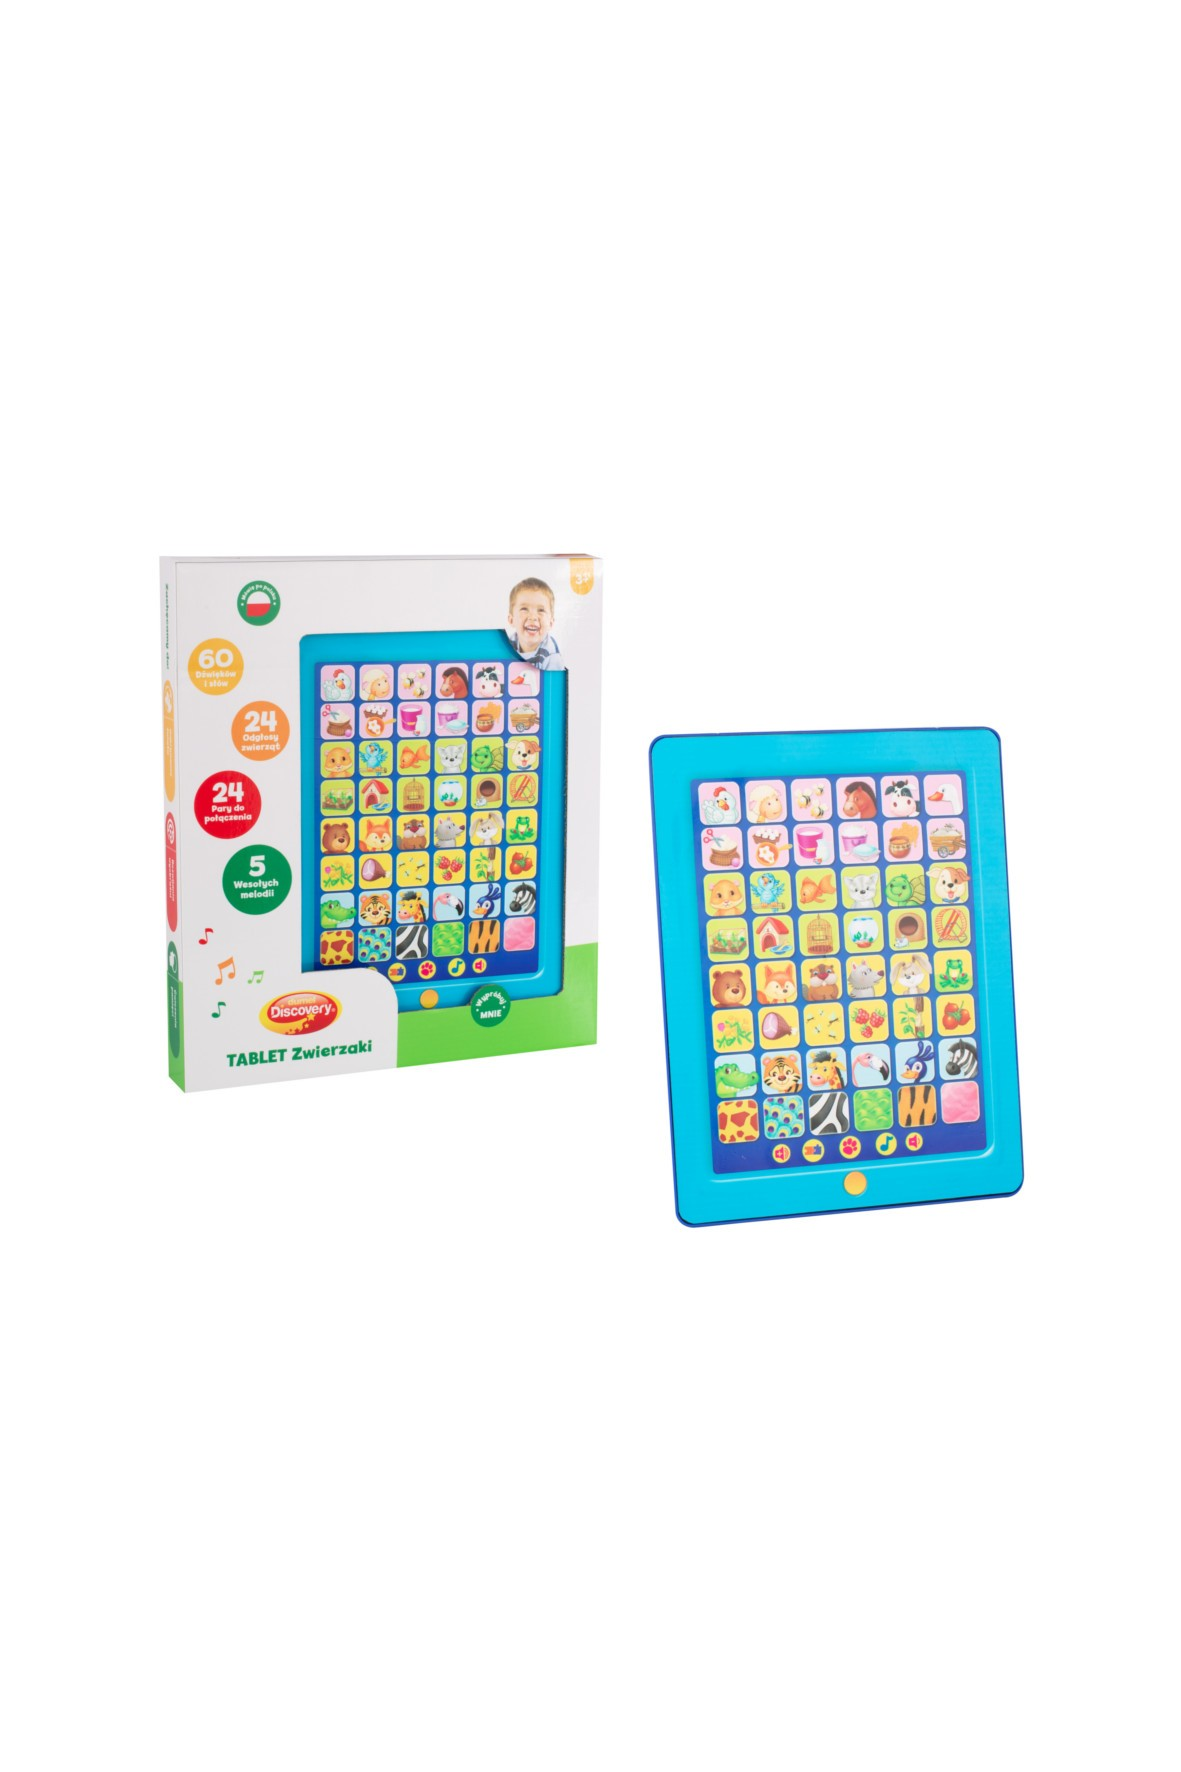 Tablet - Zwierzaki- zabawka edukacyjna 3+